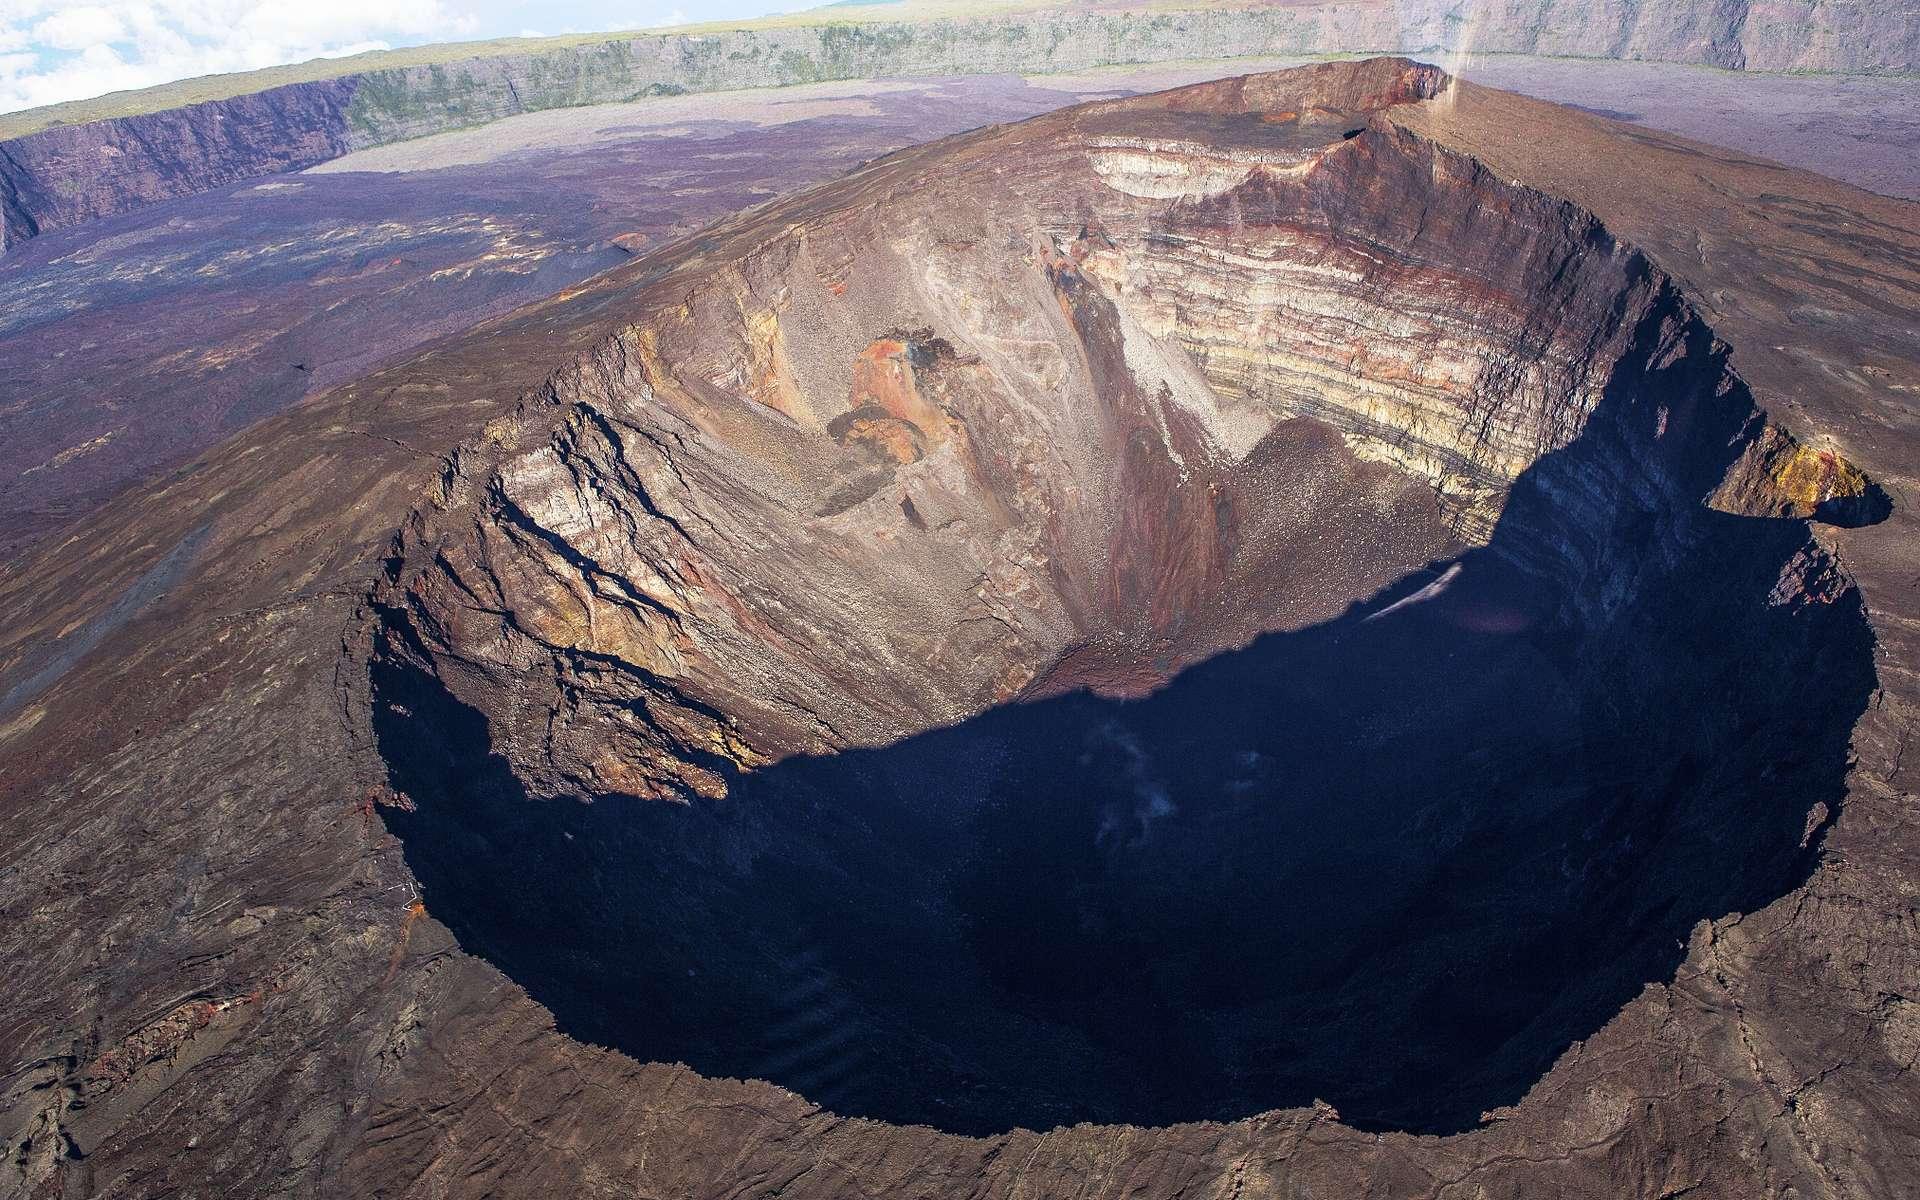 Le cratère Dolomieu, que l'on voit sur cette photo, est, avec le cratère Bory, l'un des deux cratères volcaniques situés au sommet du piton de la Fournaise, à La Réunion. Comme les volcans d'Hawaï, c'est un volcan de point chaud. Son activité est cependant moins intense que celle du Kīlauea mais on peut la comparer à celle de l'Etna, en Sicile. © photogolfer, Shutterstock